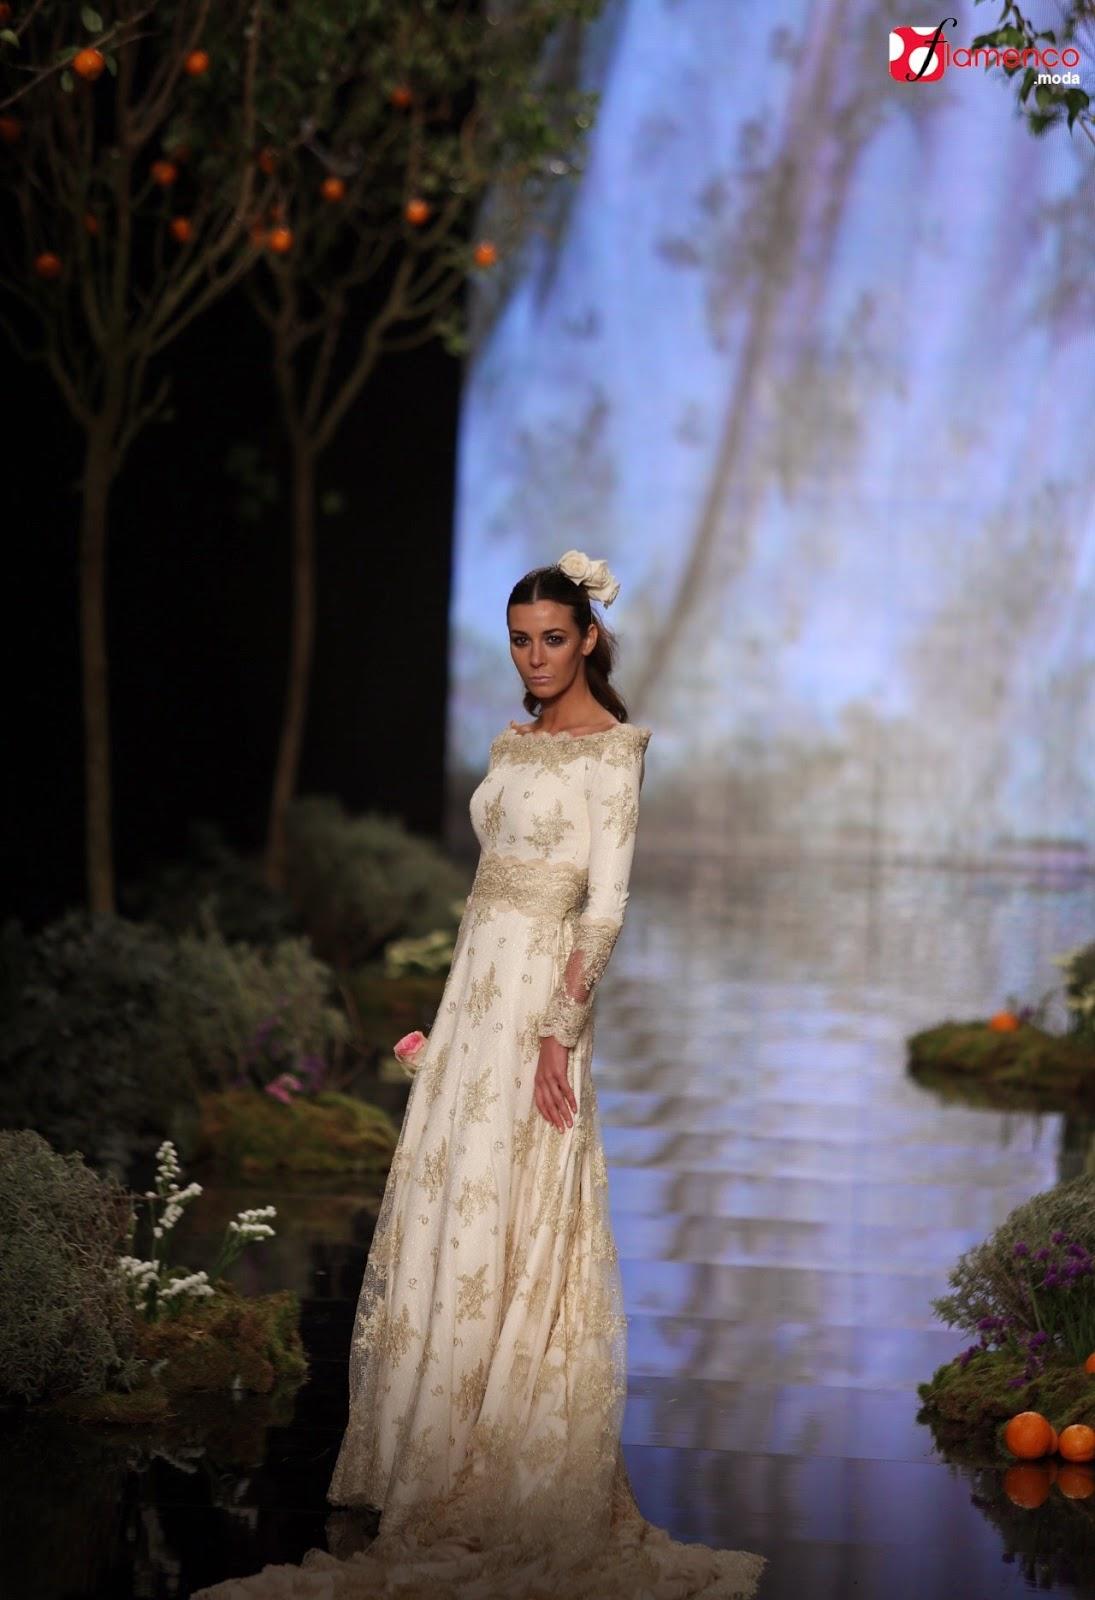 http://flamenco.moda/aurora-gavino-sevilla-natural-simof-2015/